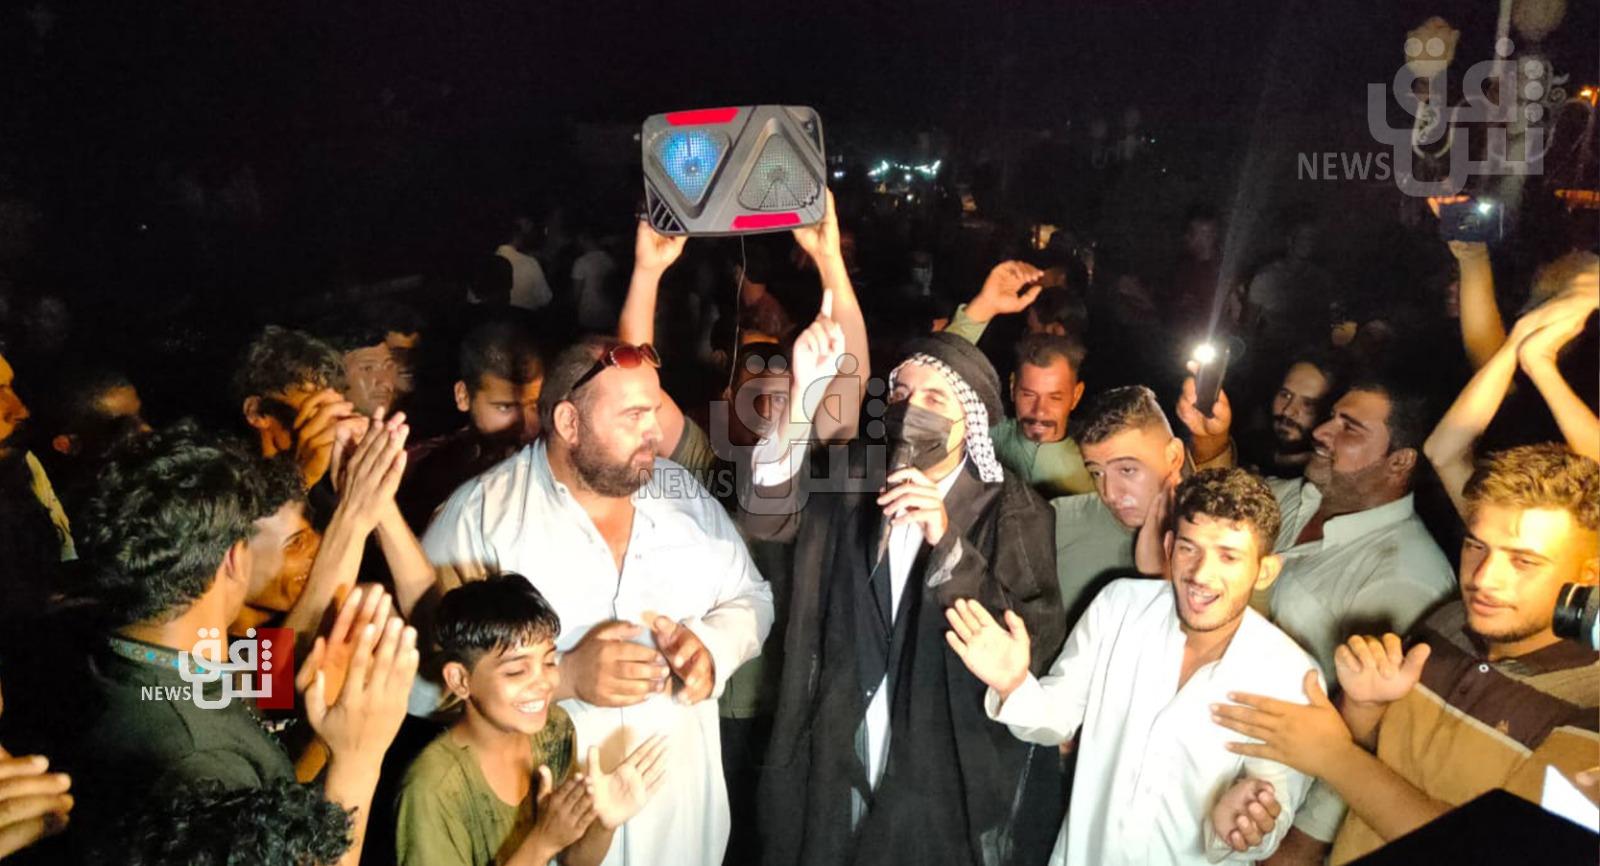 نجفيون يتظاهرون للإطاحة بمسؤول محلي